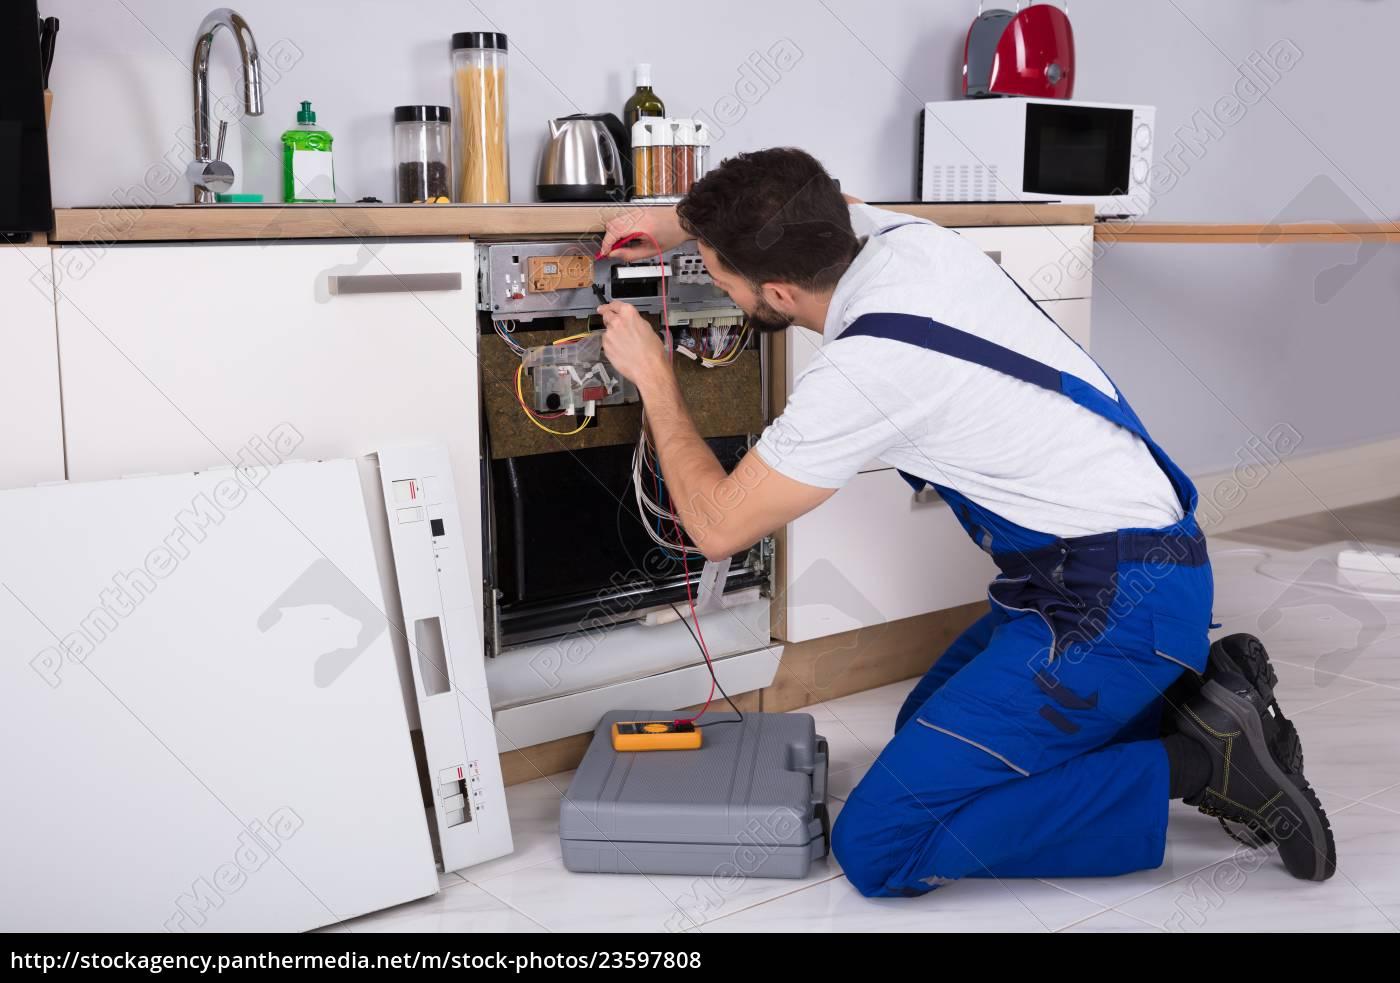 male, technician, examining, dishwasher - 23597808